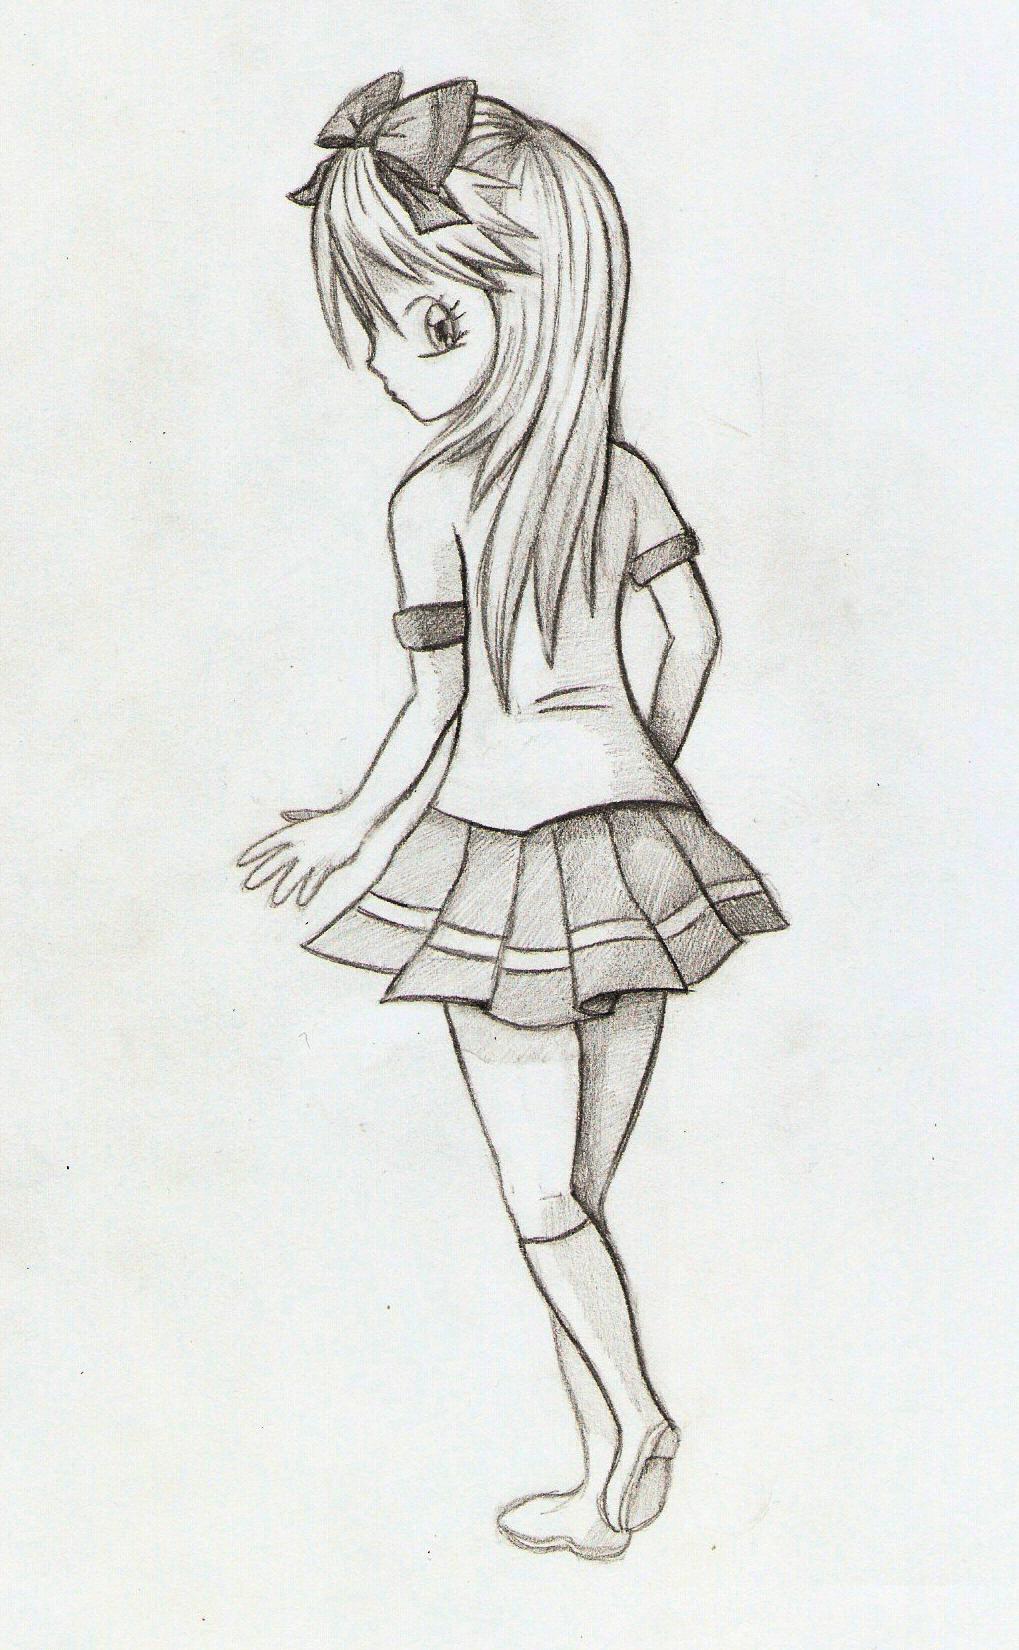 Anime Girl Back by Zero-Rtist on DeviantArt